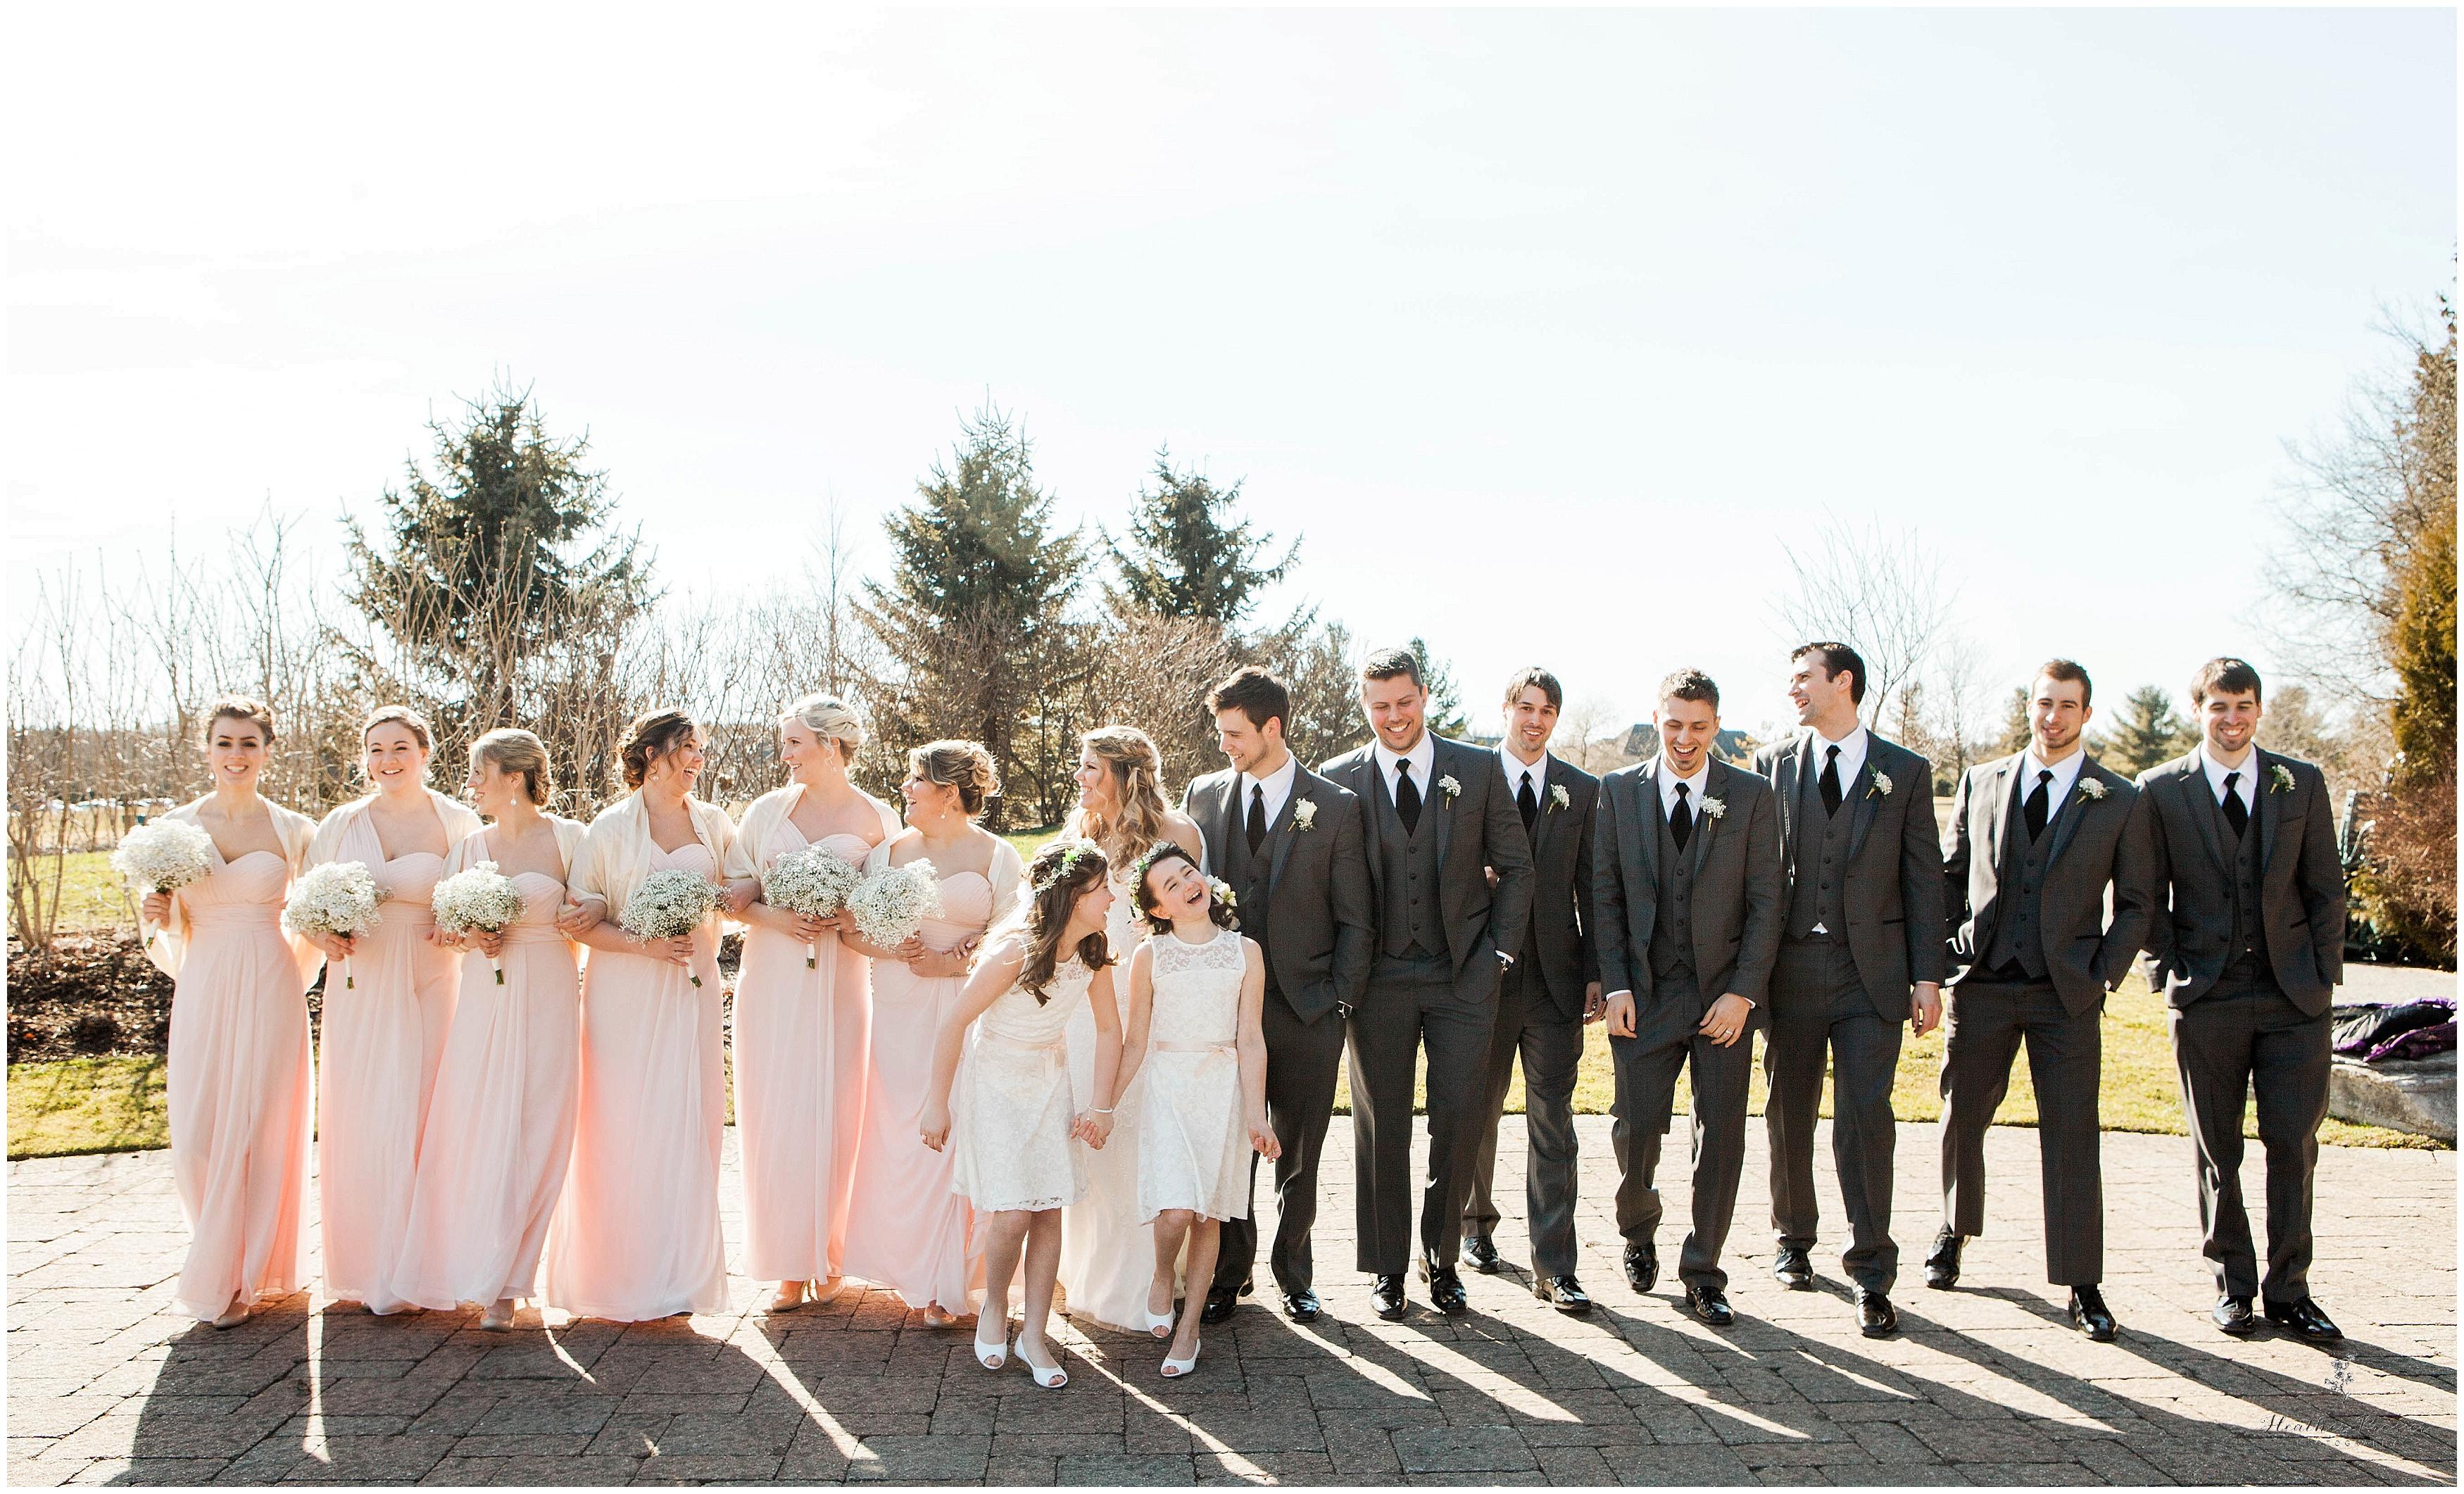 NestletonWatersInn-wedding_0188.jpg